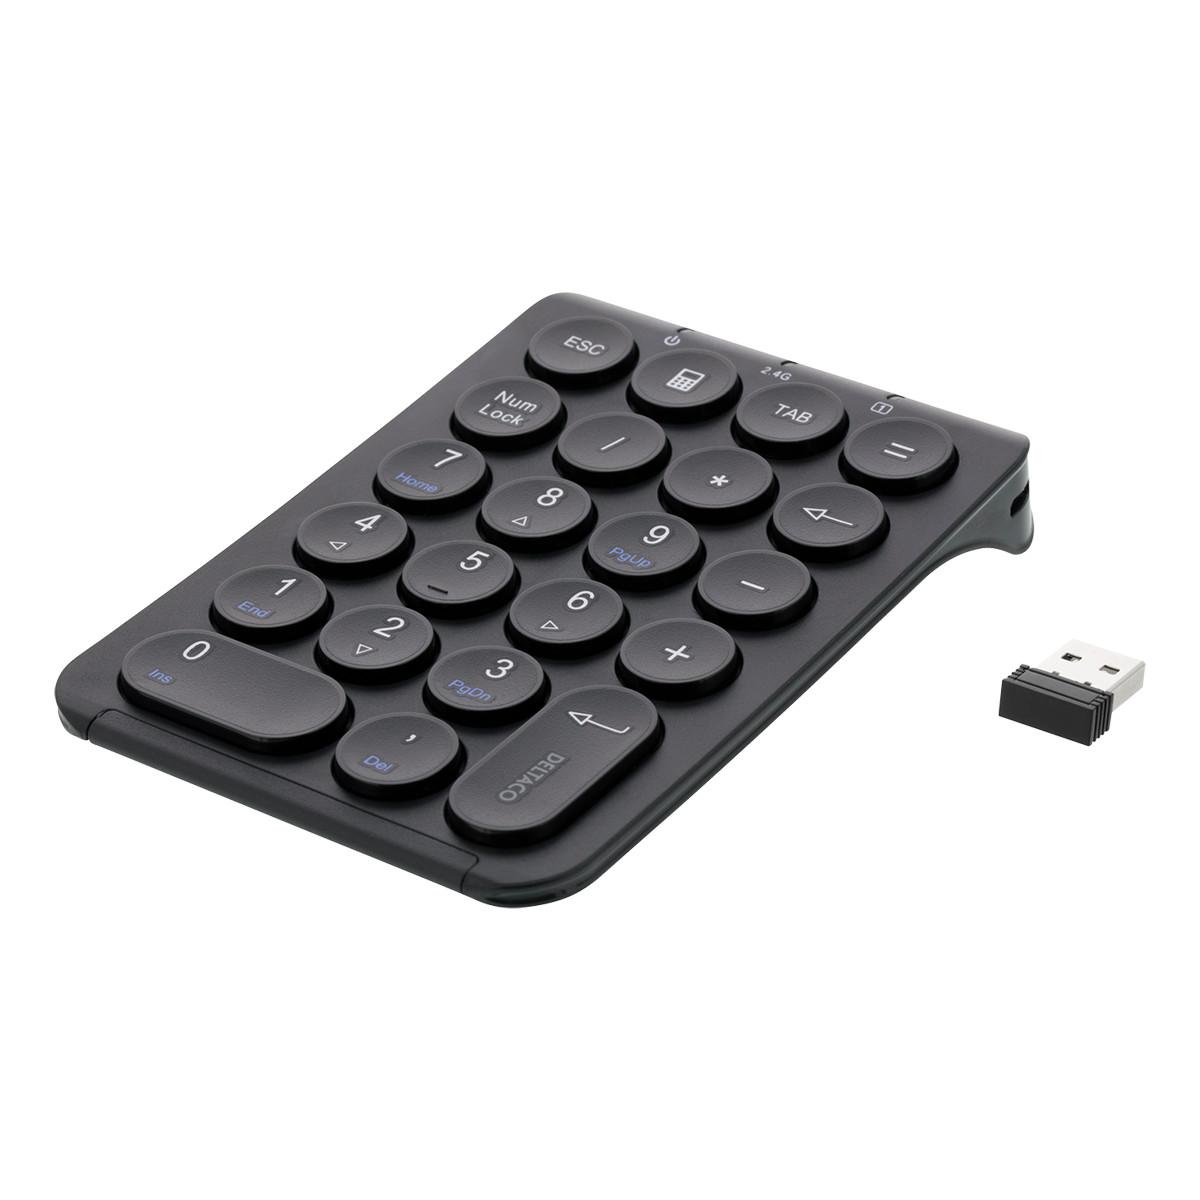 Deltaco trådlöst numeriskt tangentbord, uppladdningsbart batteri